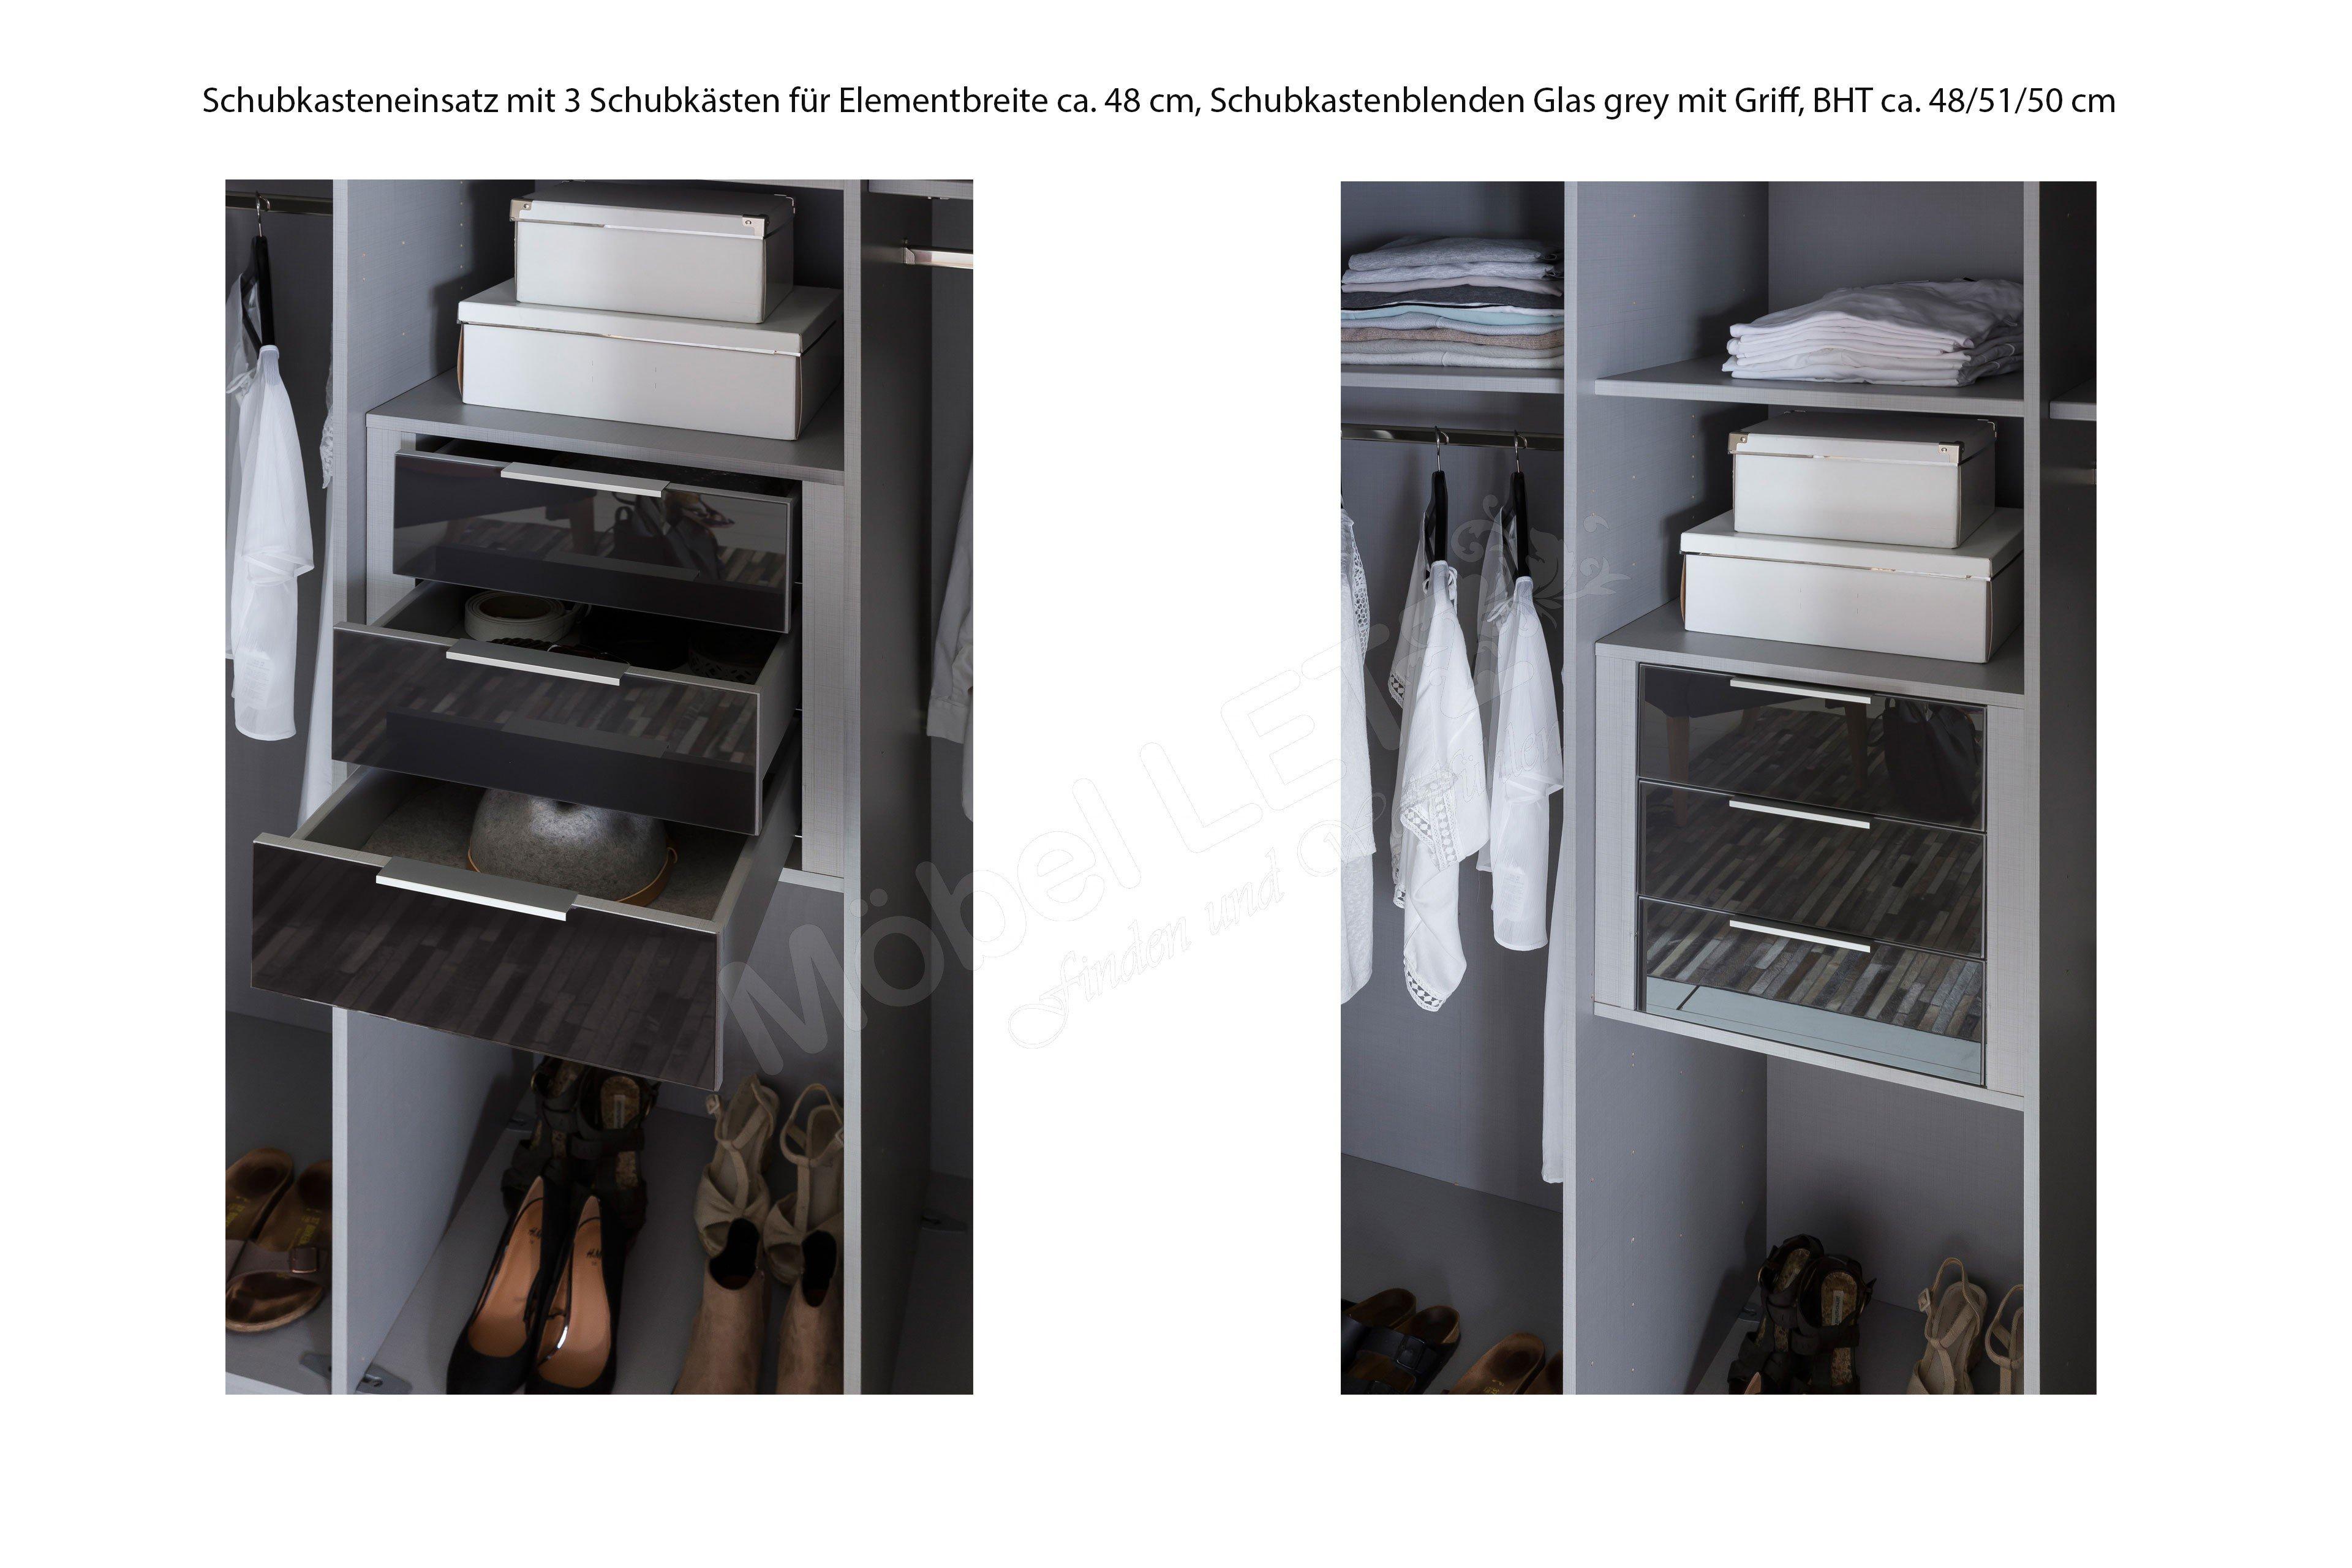 Künstlerisch Schwebetürenschrank 140 Cm Breit Galerie Von Advantage Von Wimex - Schwebetürenschrank In Weiß